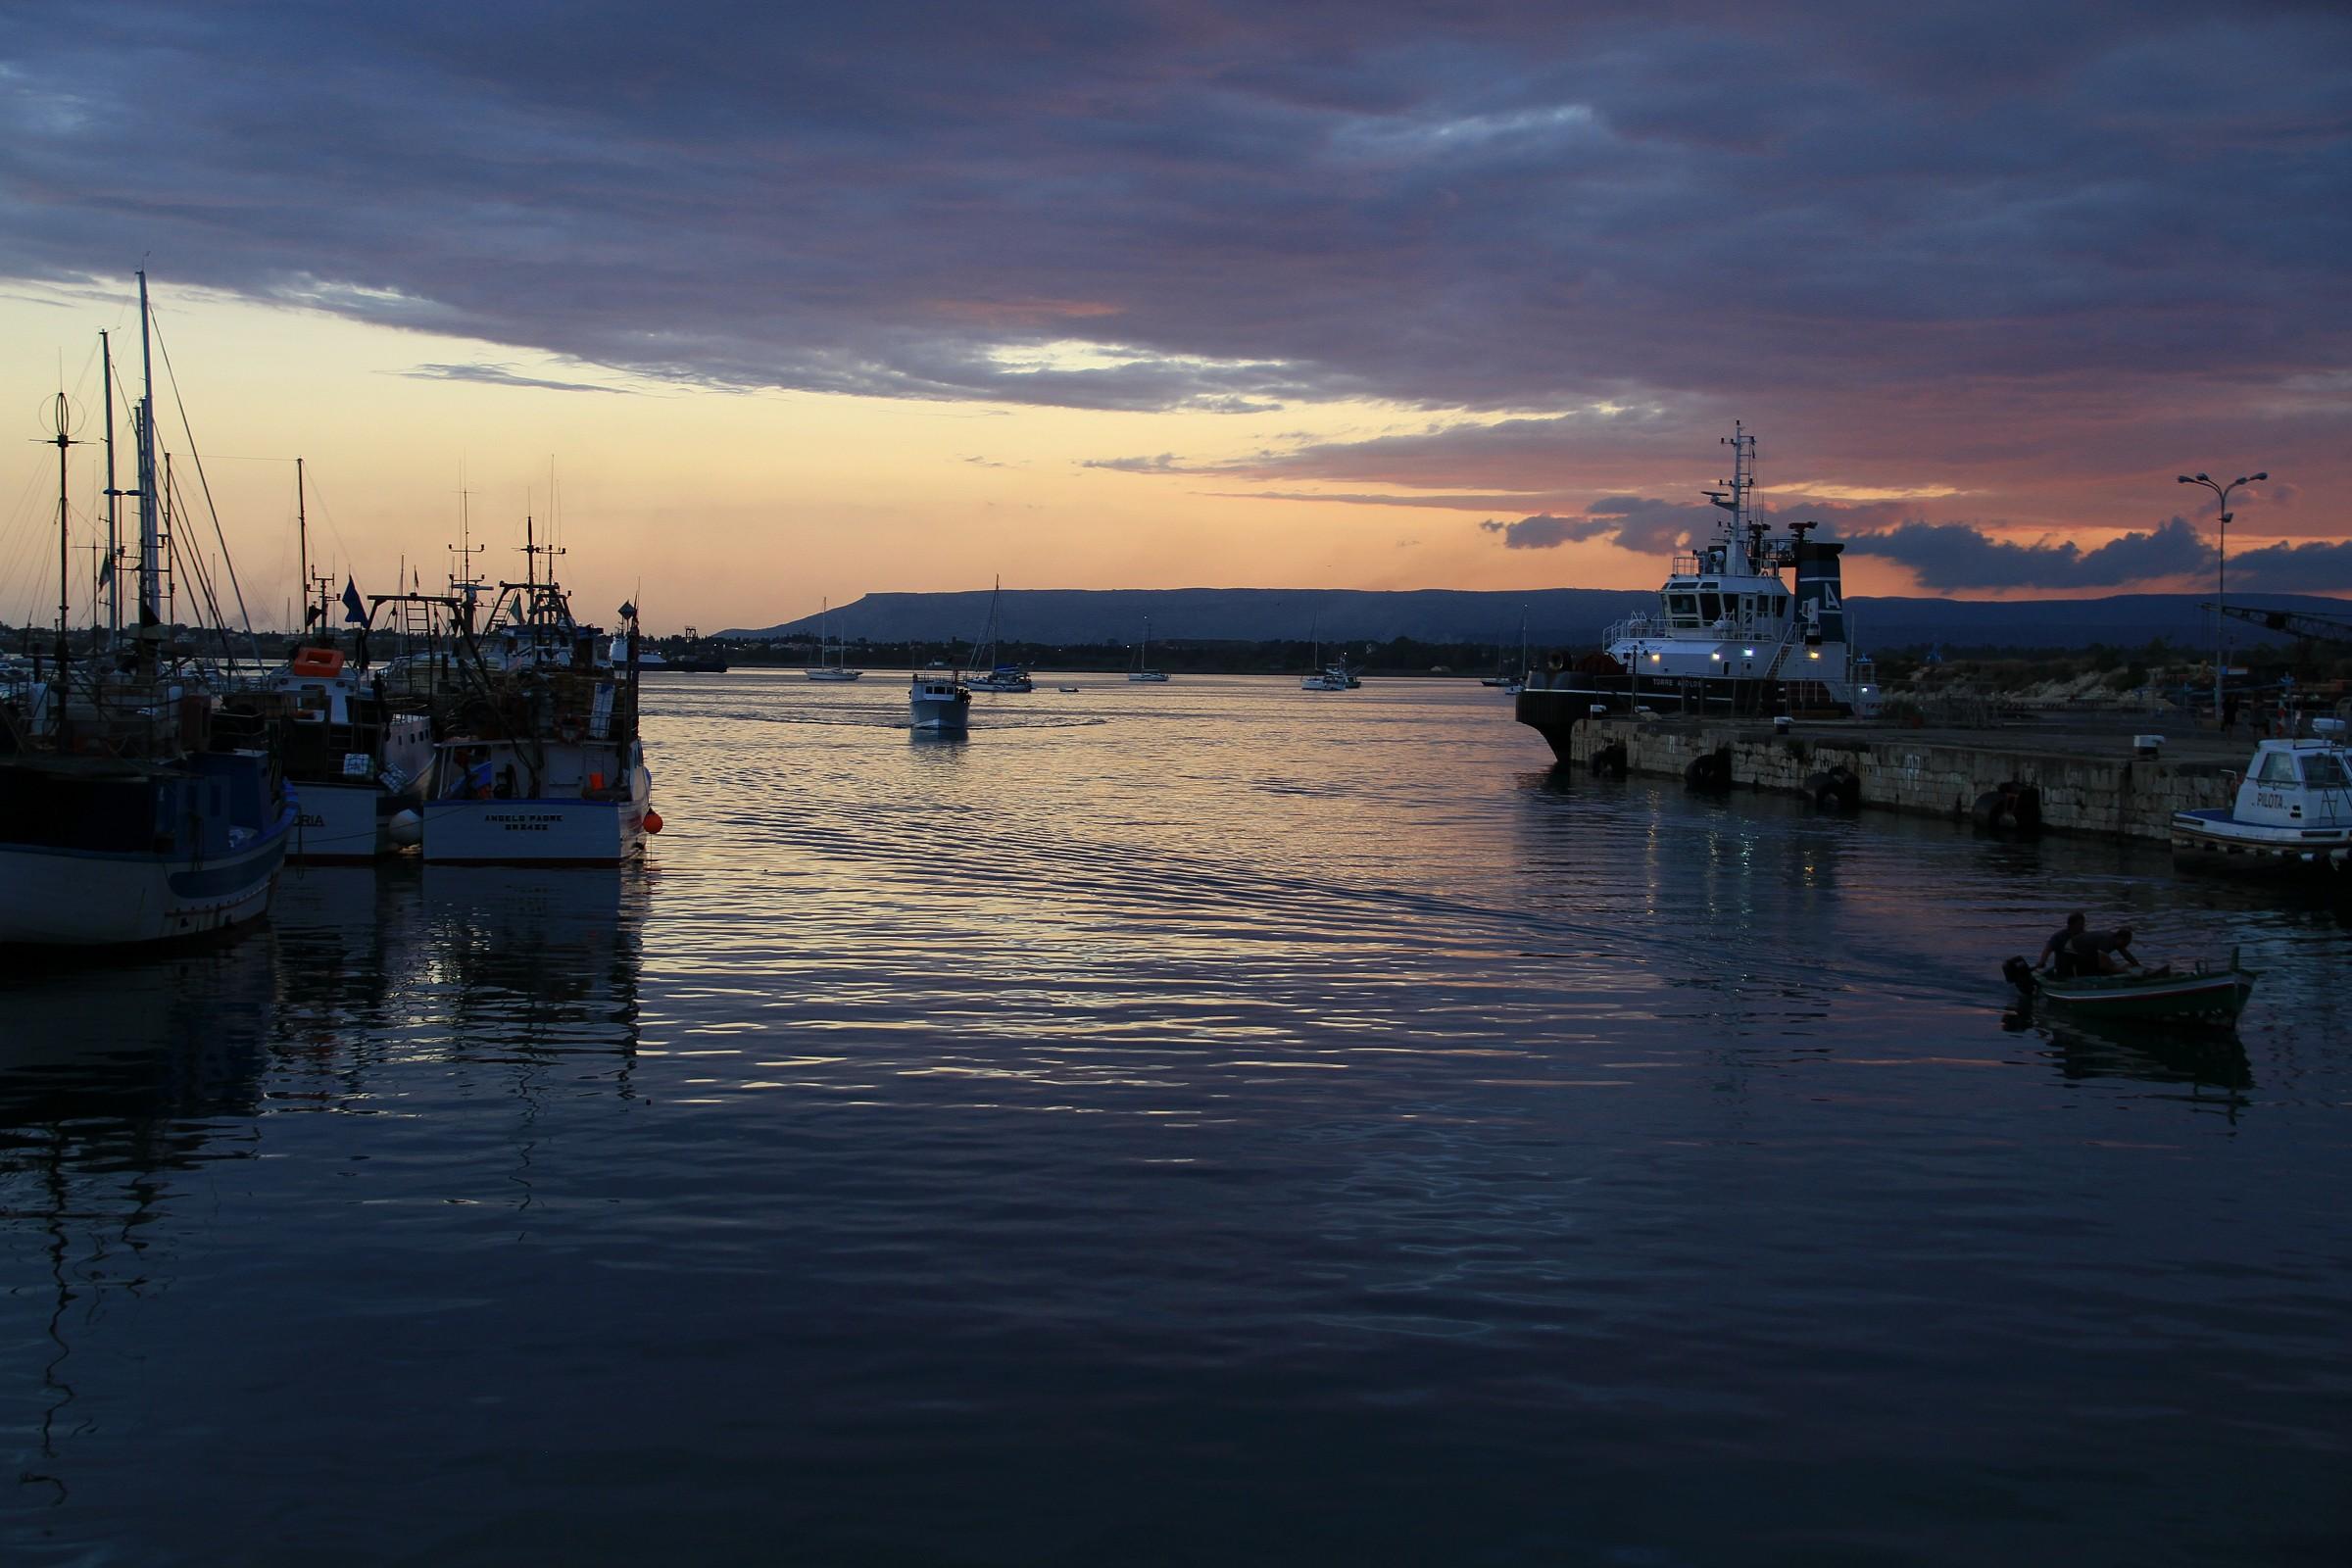 The sunset in Ortigia...